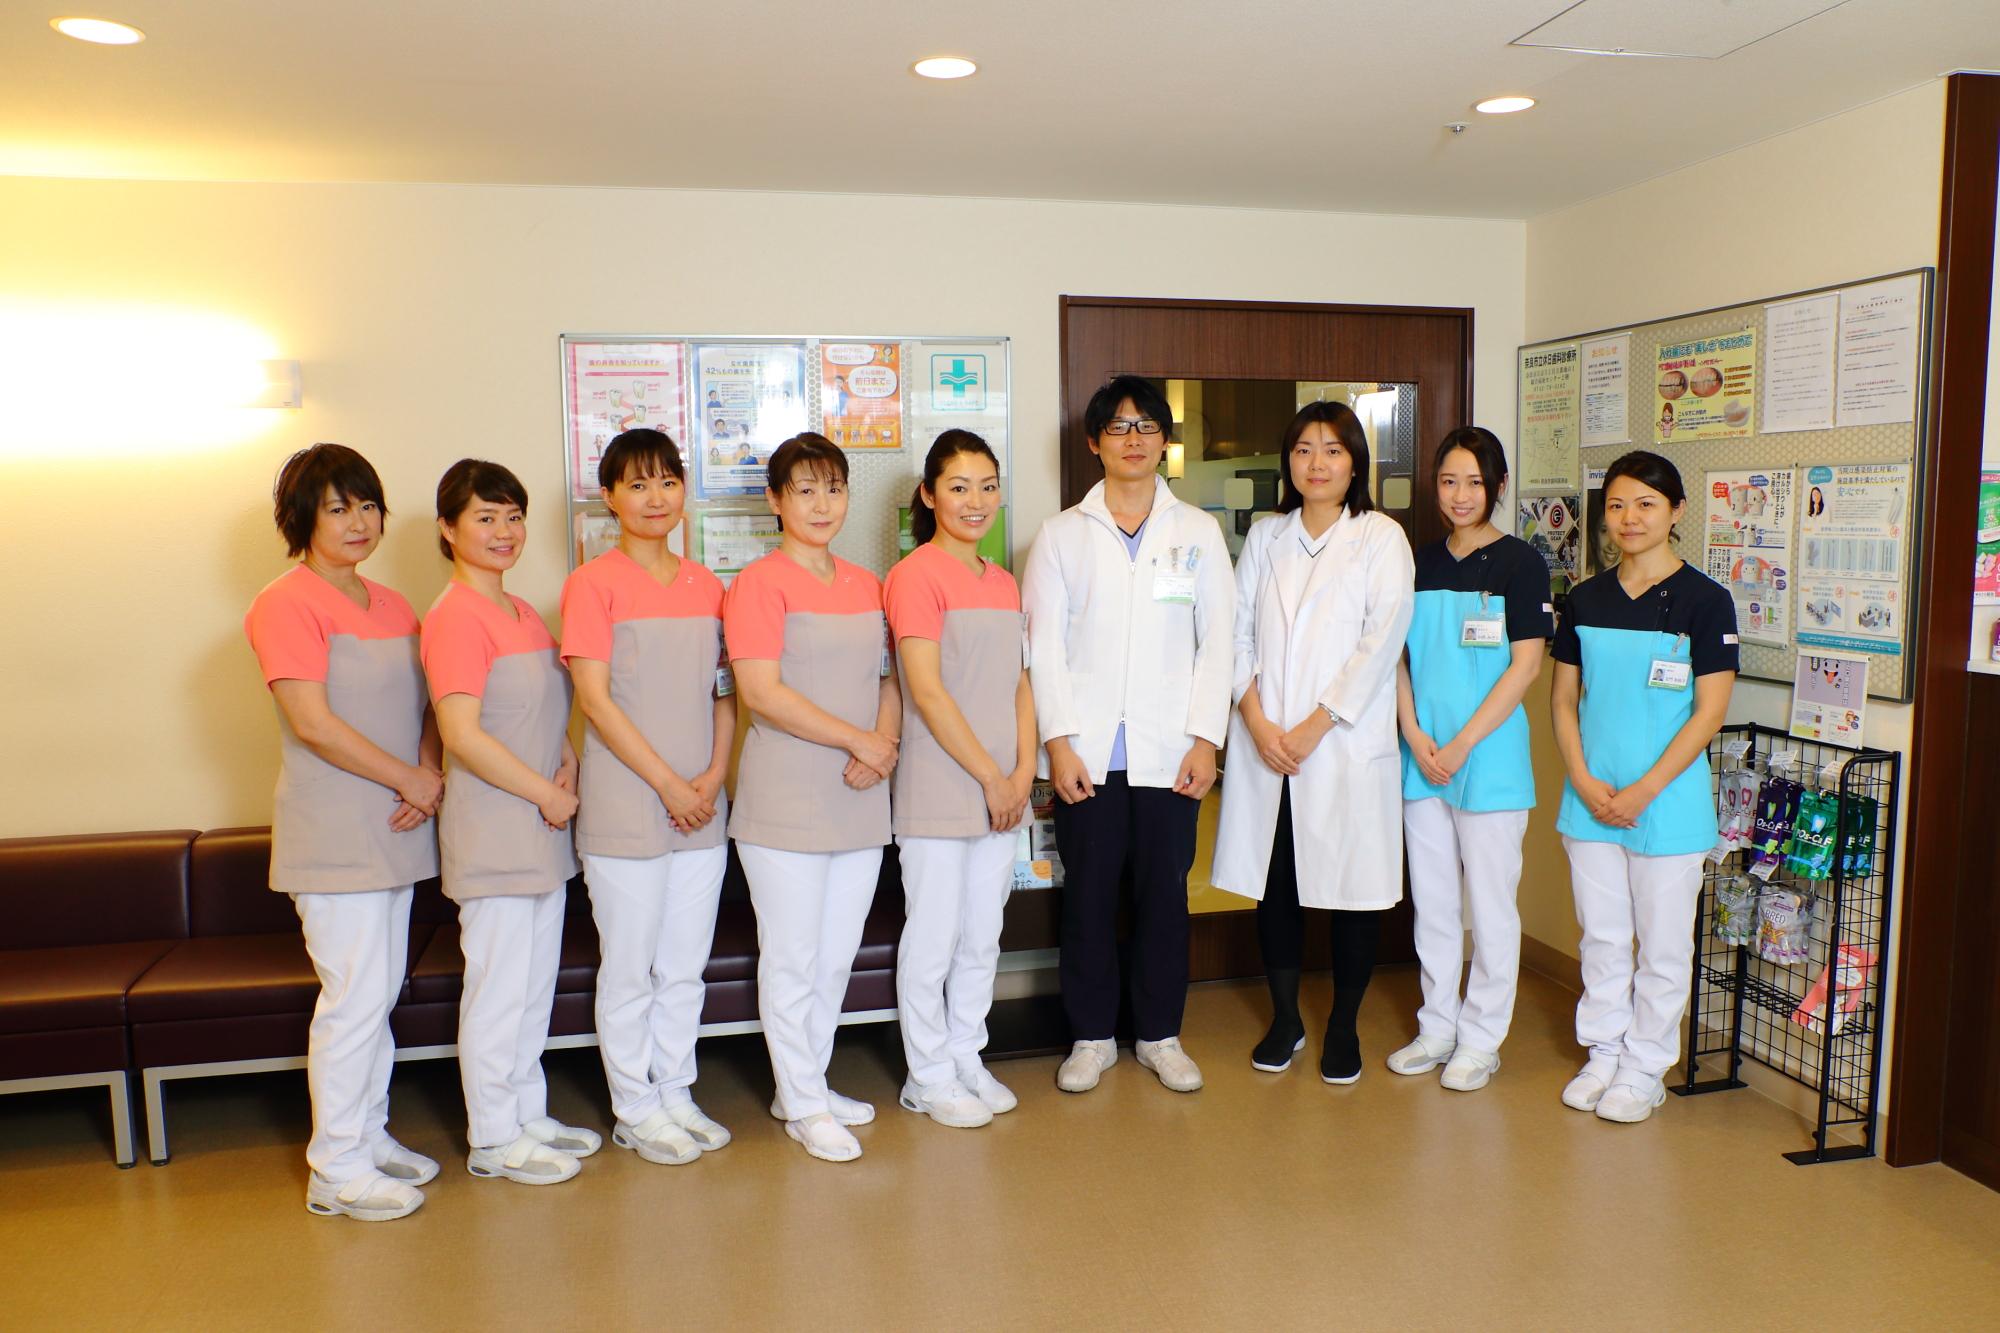 医療法人 康仁会 西の京病院